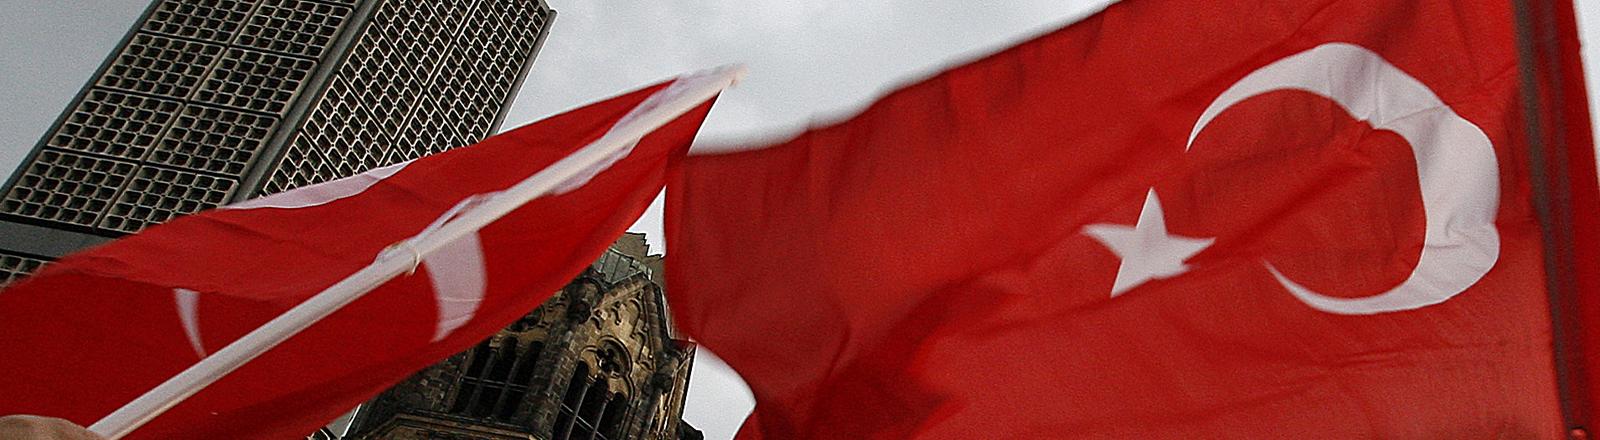 Türkische Flagge vor der Kaiser-Wilhelm-Gedächtniskirche in Berlin